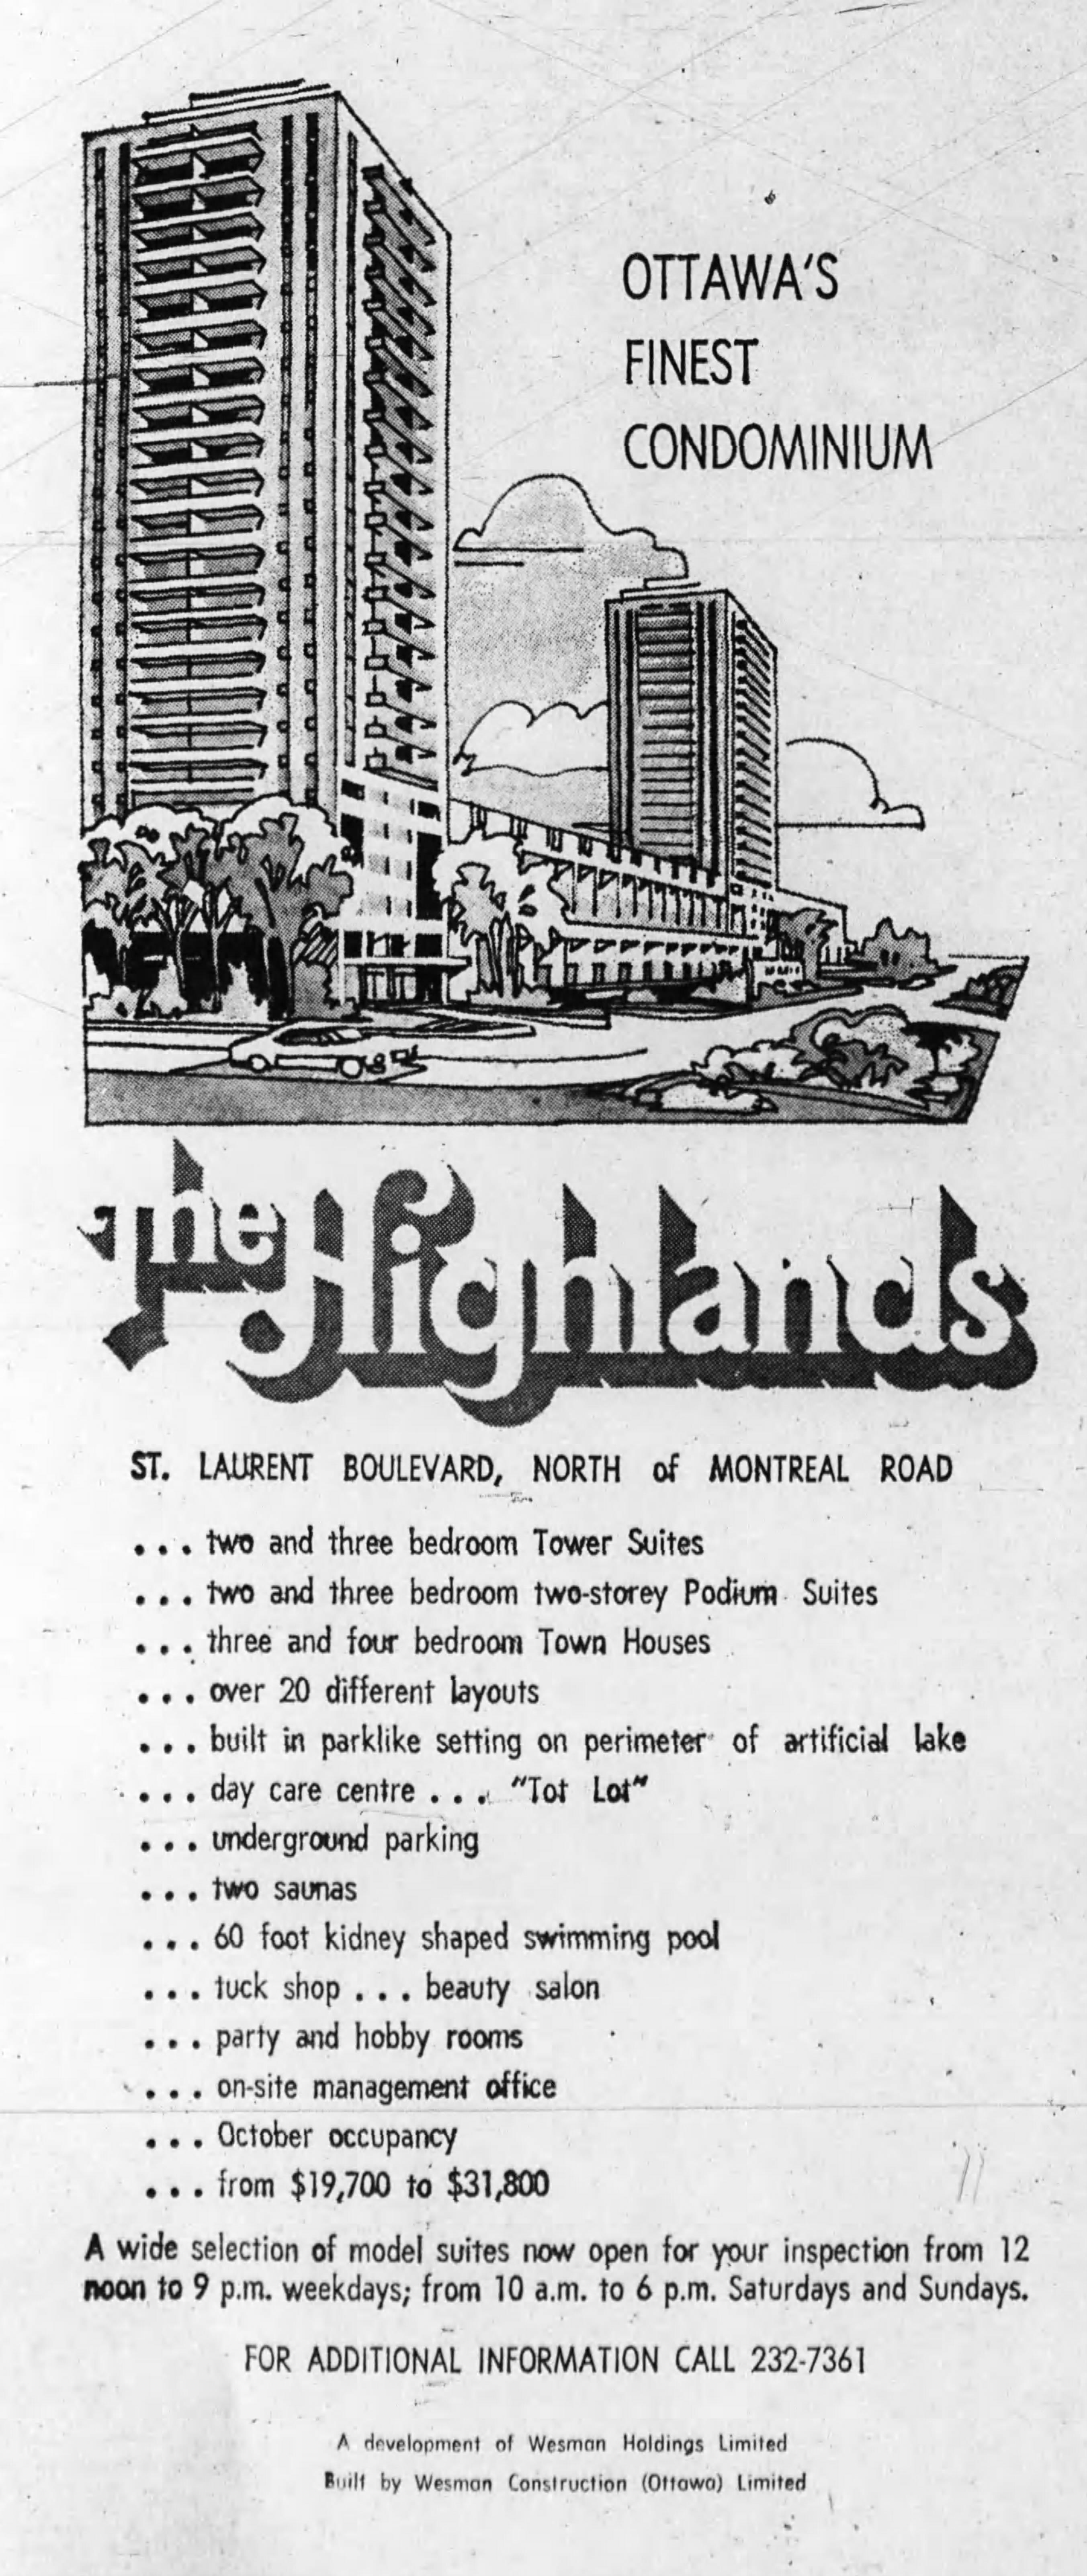 Source: Ottawa Journal, July 28, 1971, 56.